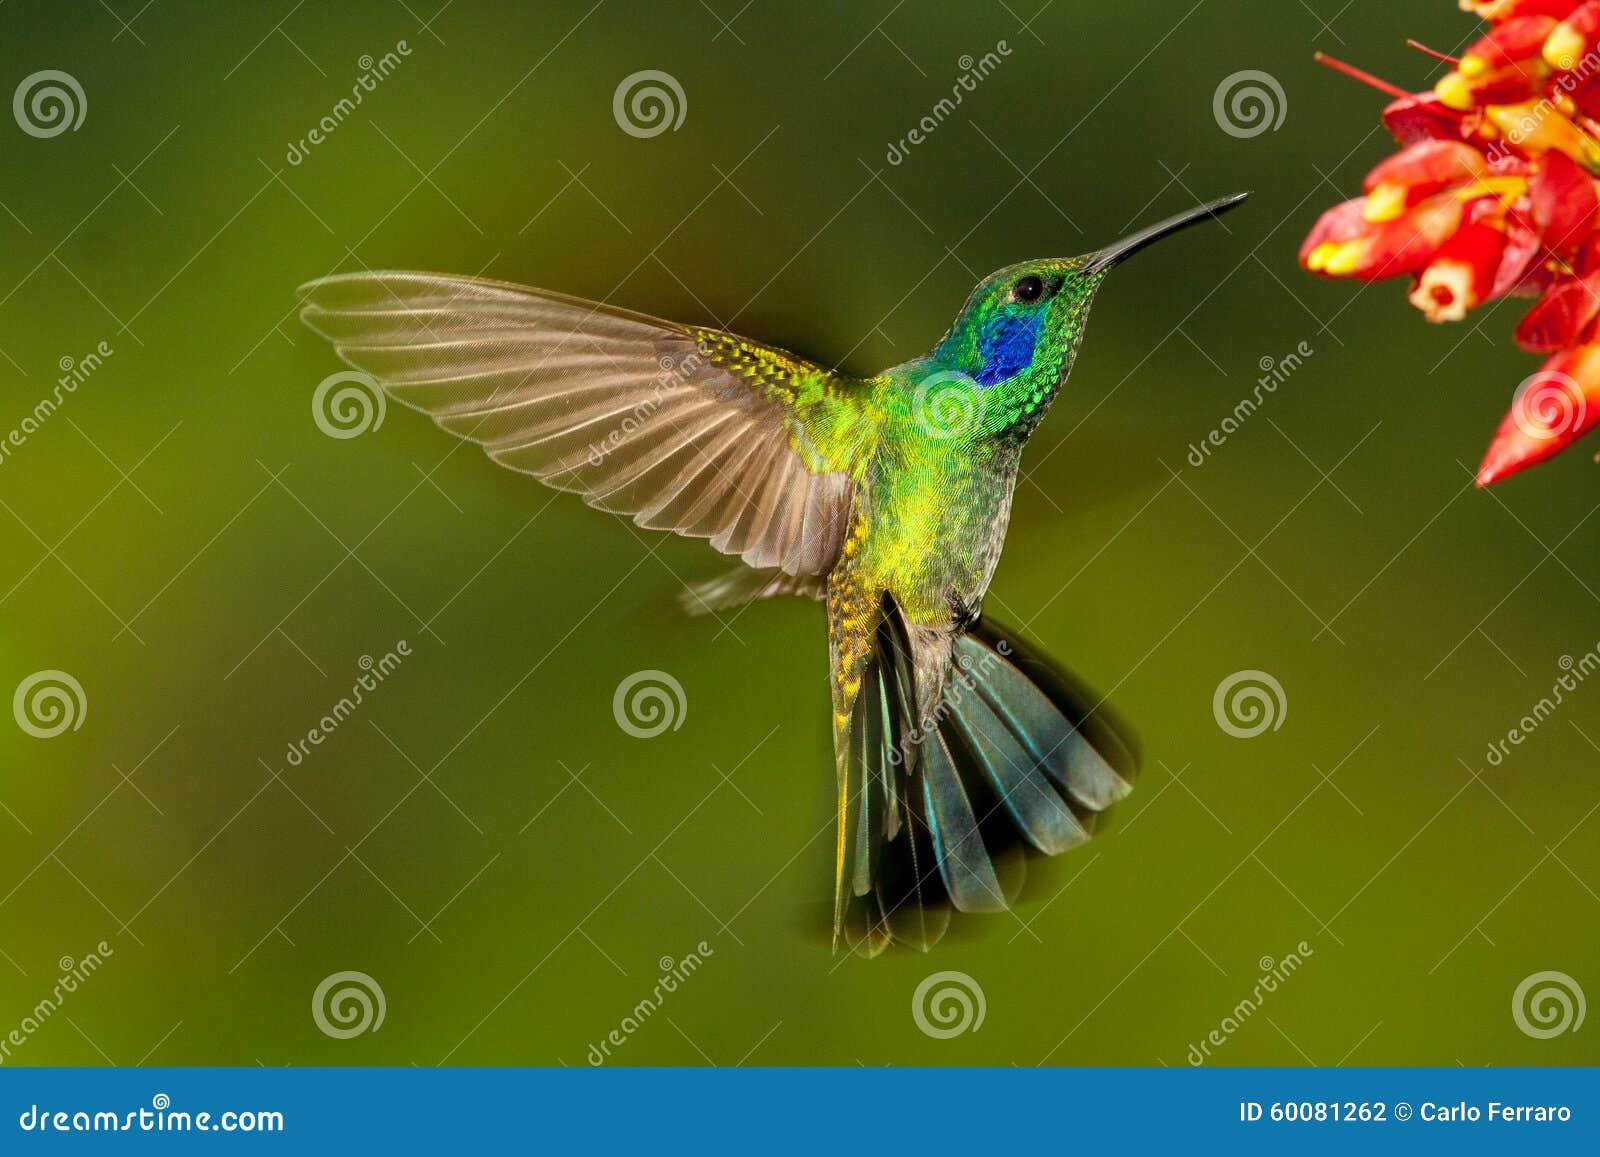 Green Violetear hovering